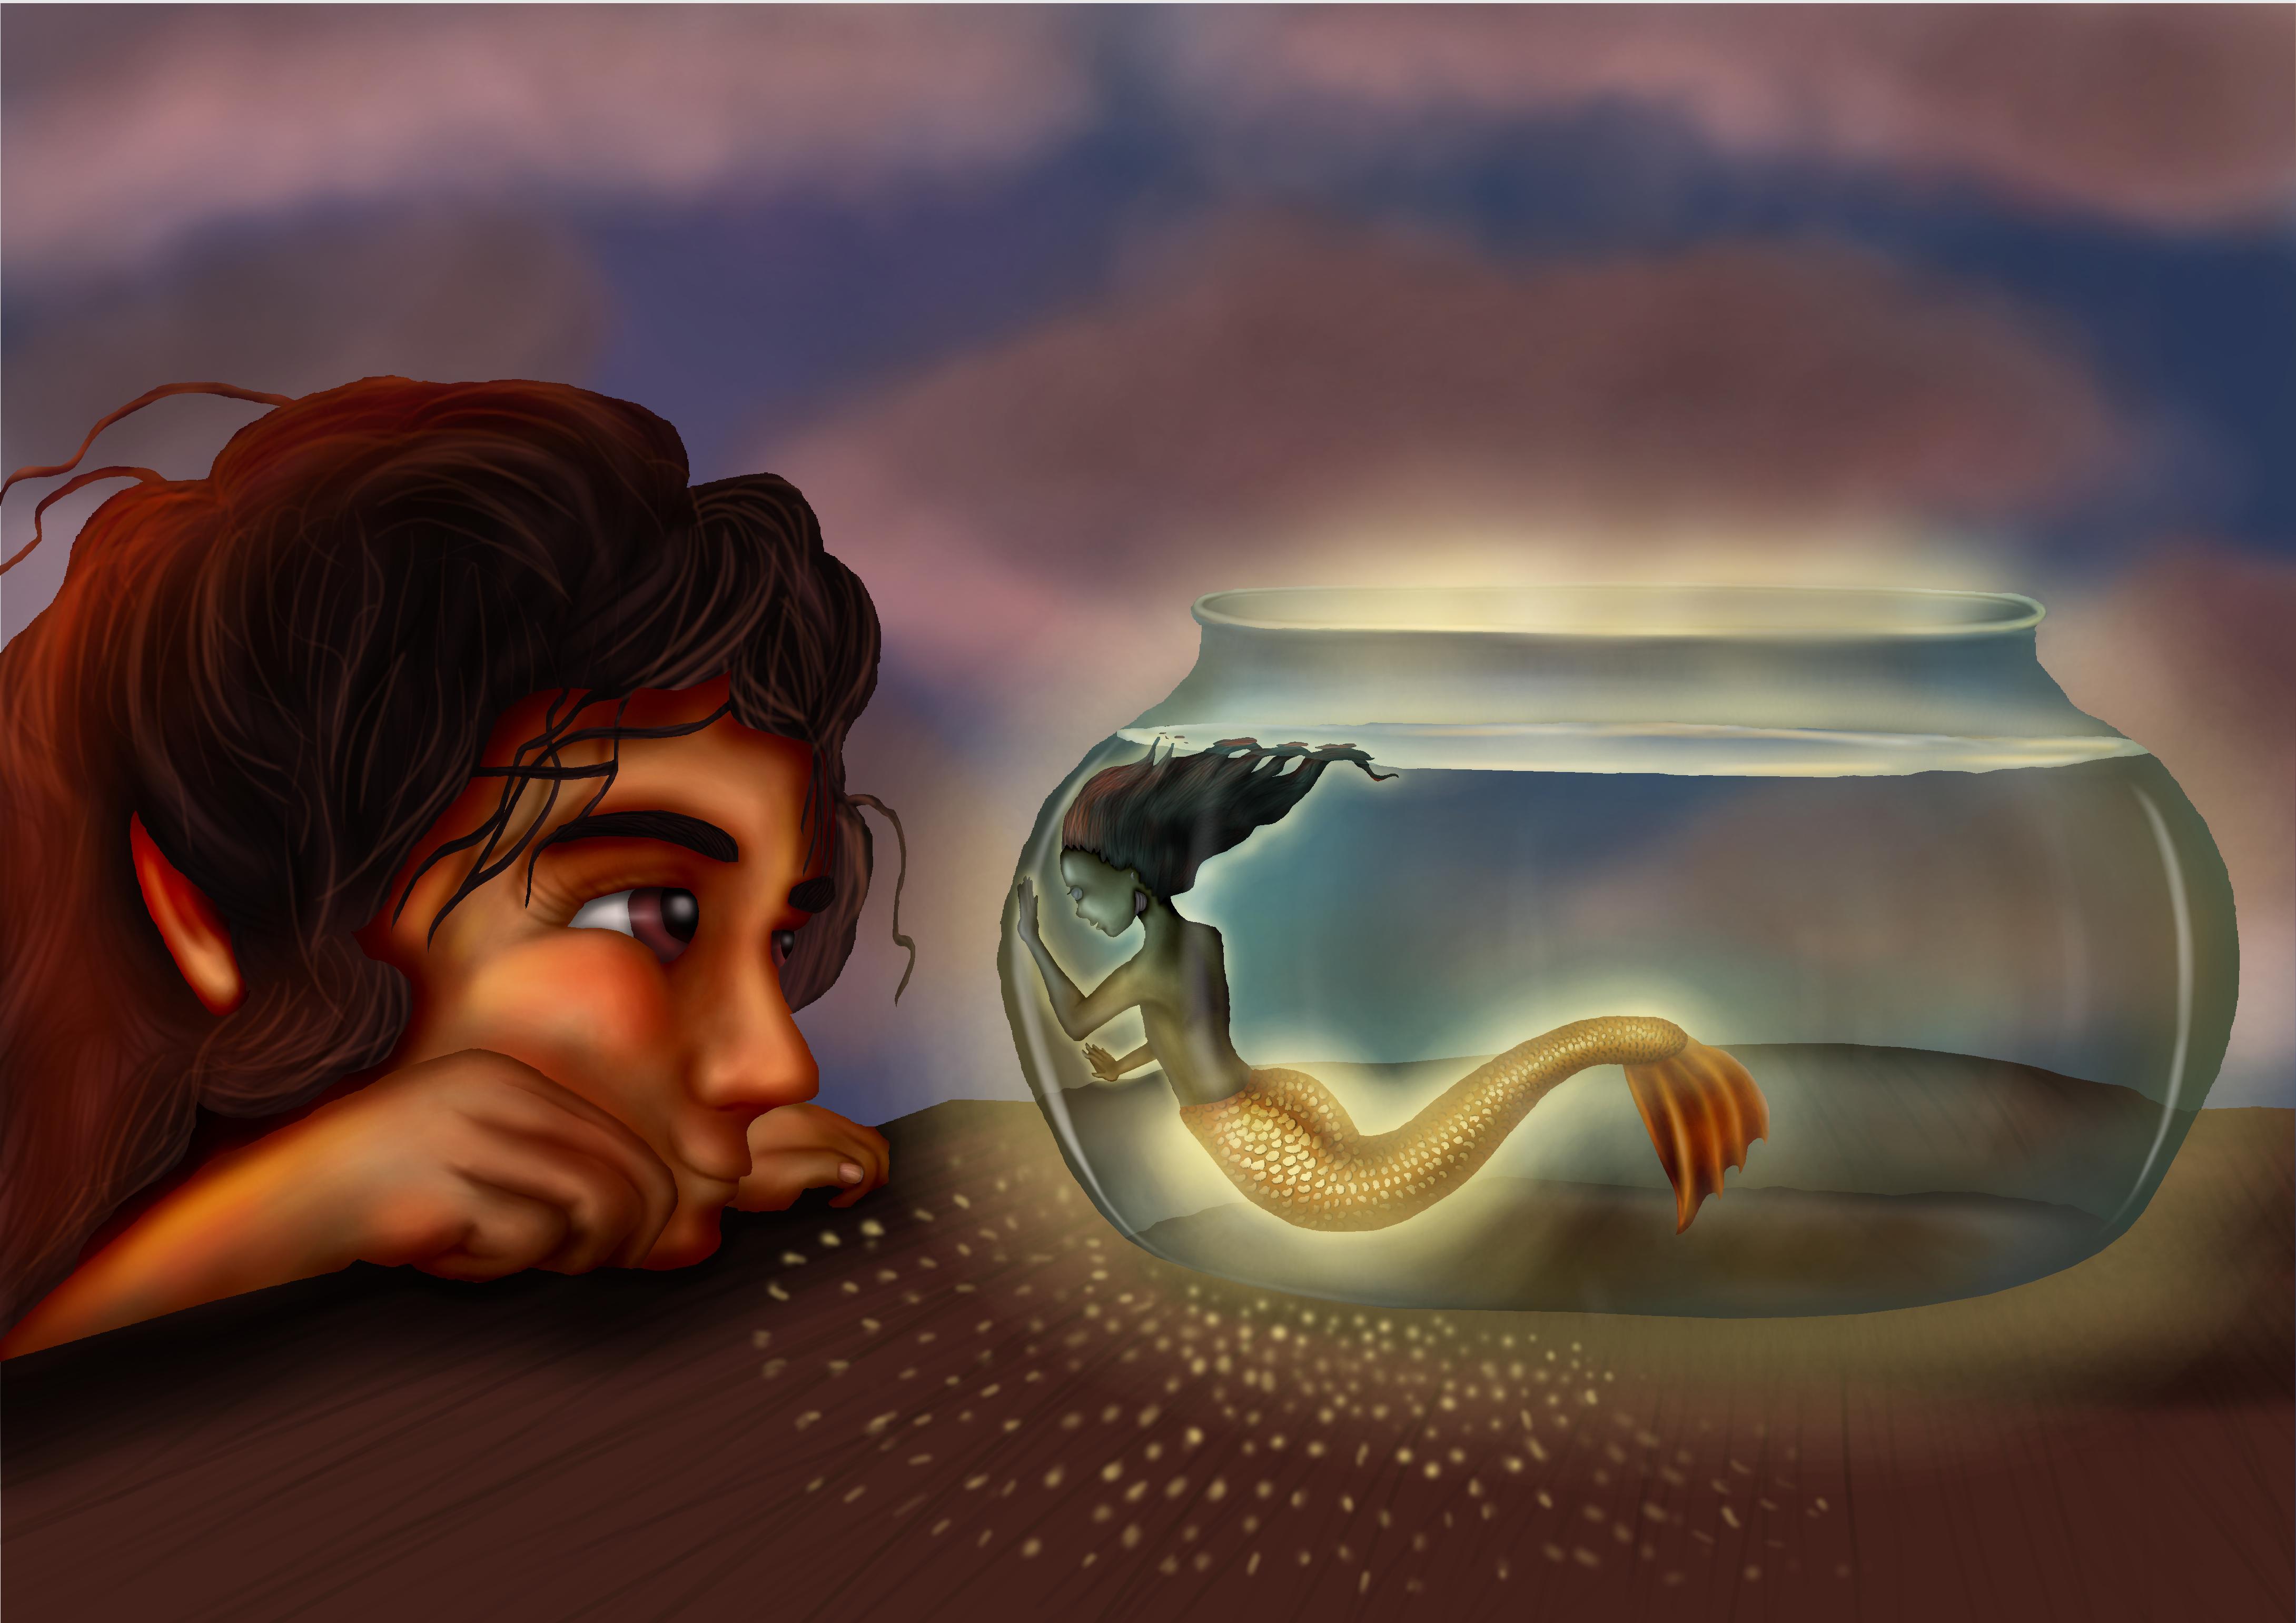 Mini sereia em aquário